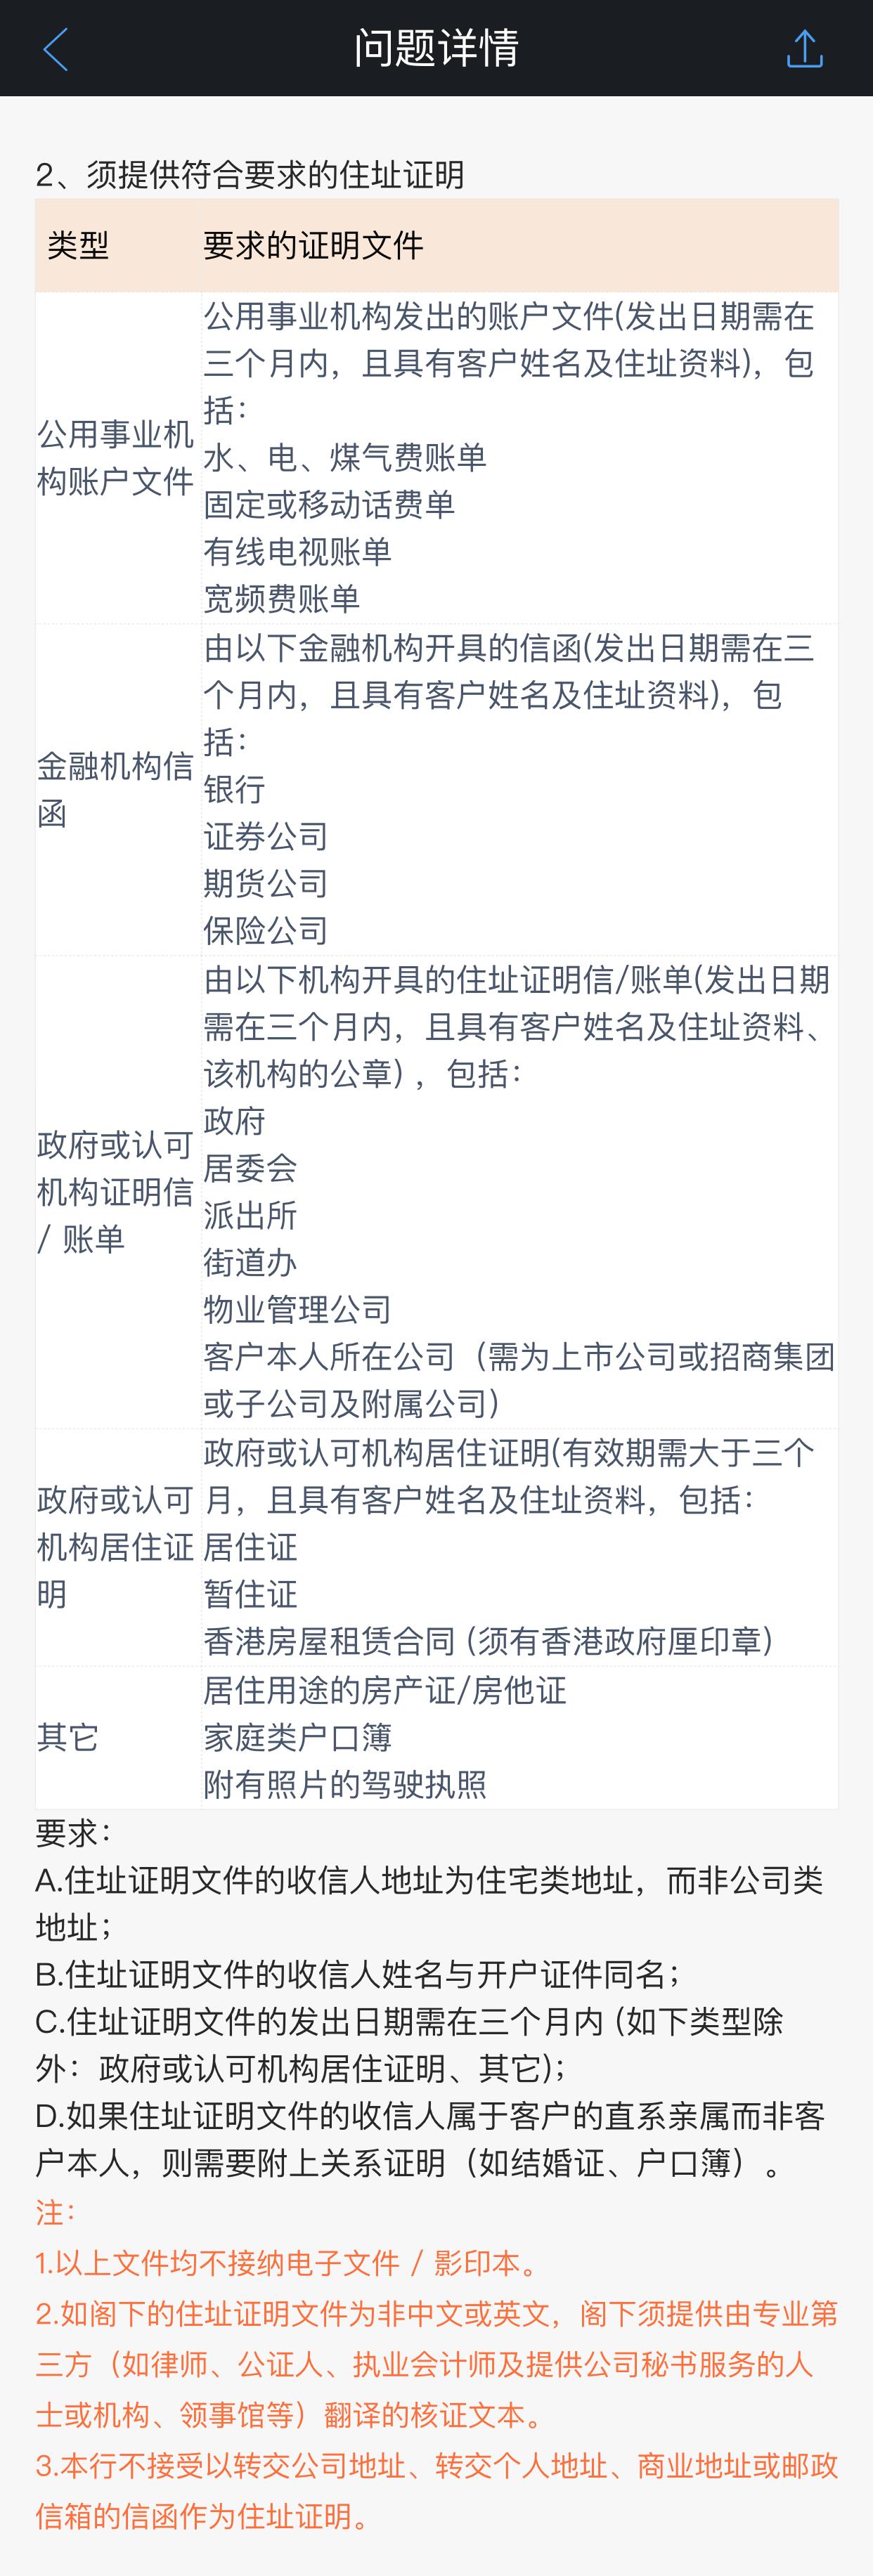 招商银行在职证明_如何开立香港个人账户? - 知乎